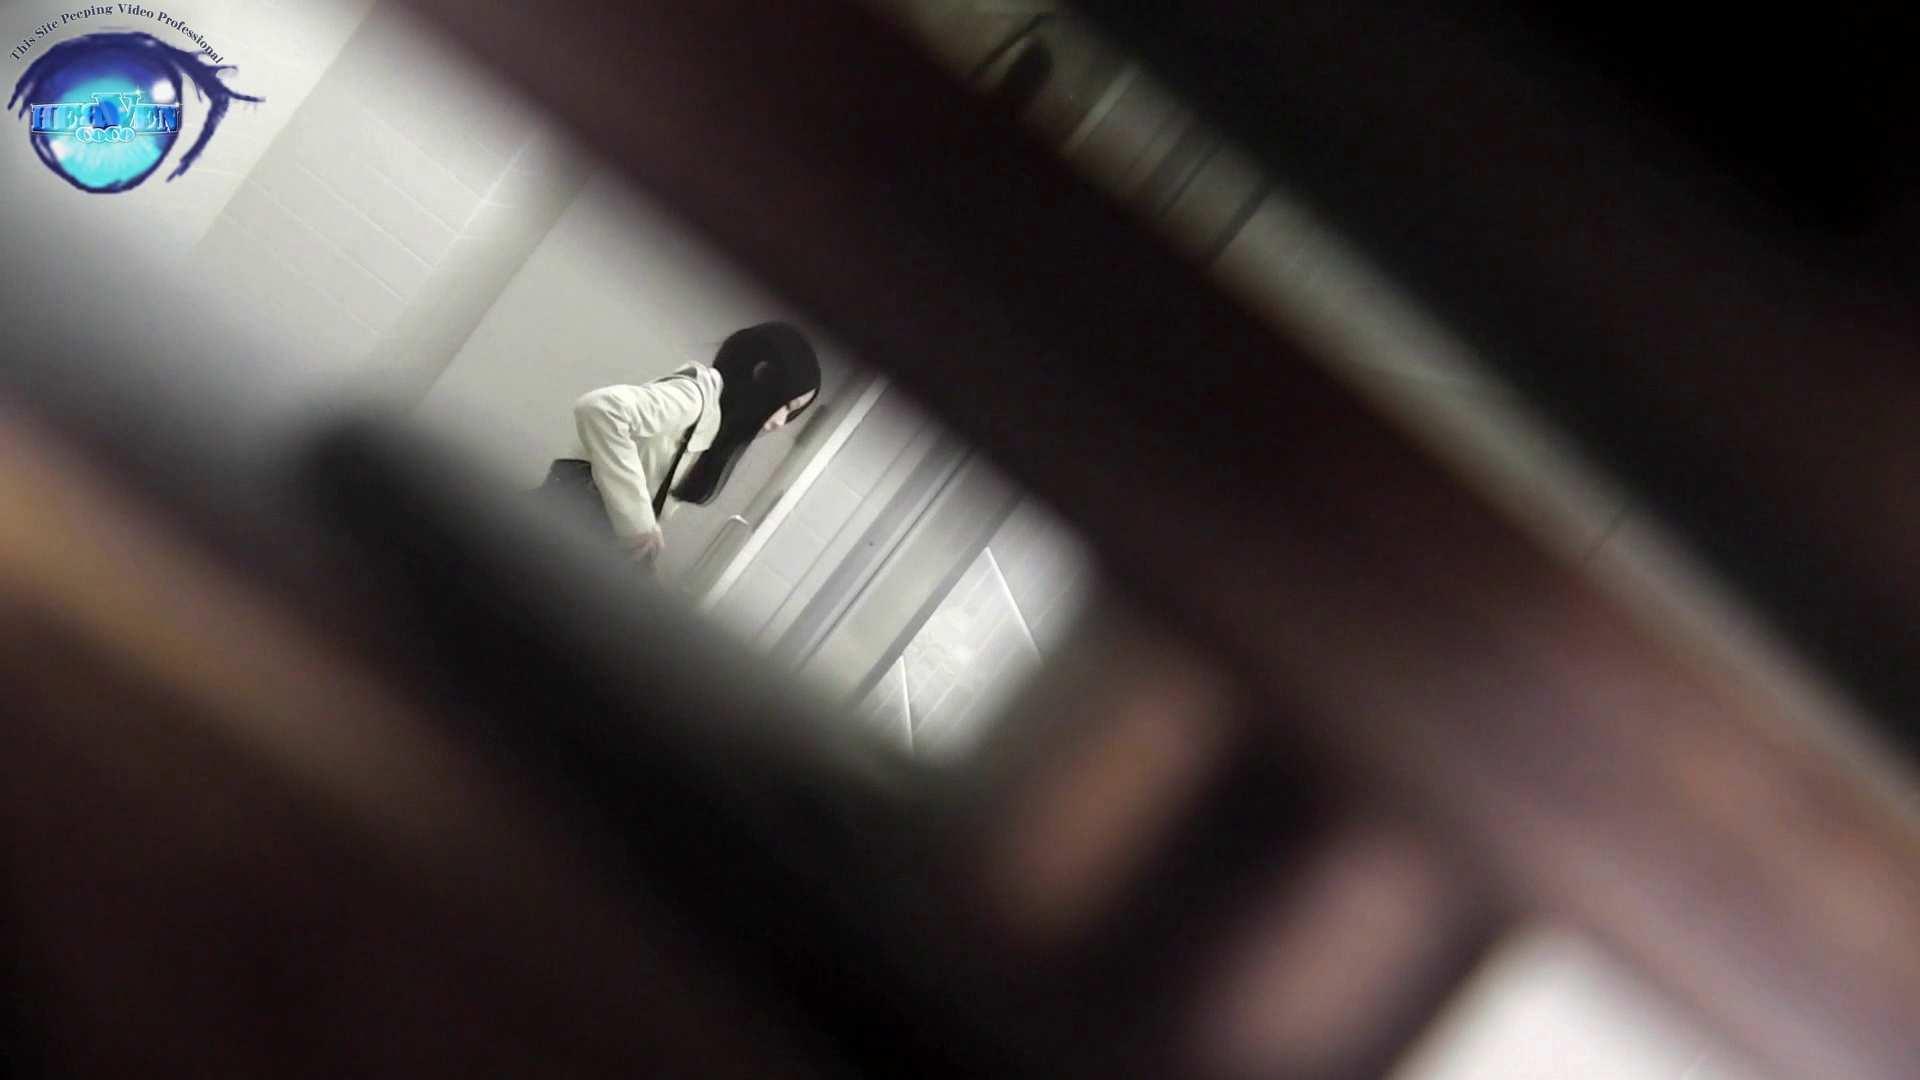 お銀さん vol.59 ピンチ!!「鏡の前で祈る女性」にばれる危機 前編 美人   OL女体  108連発 49